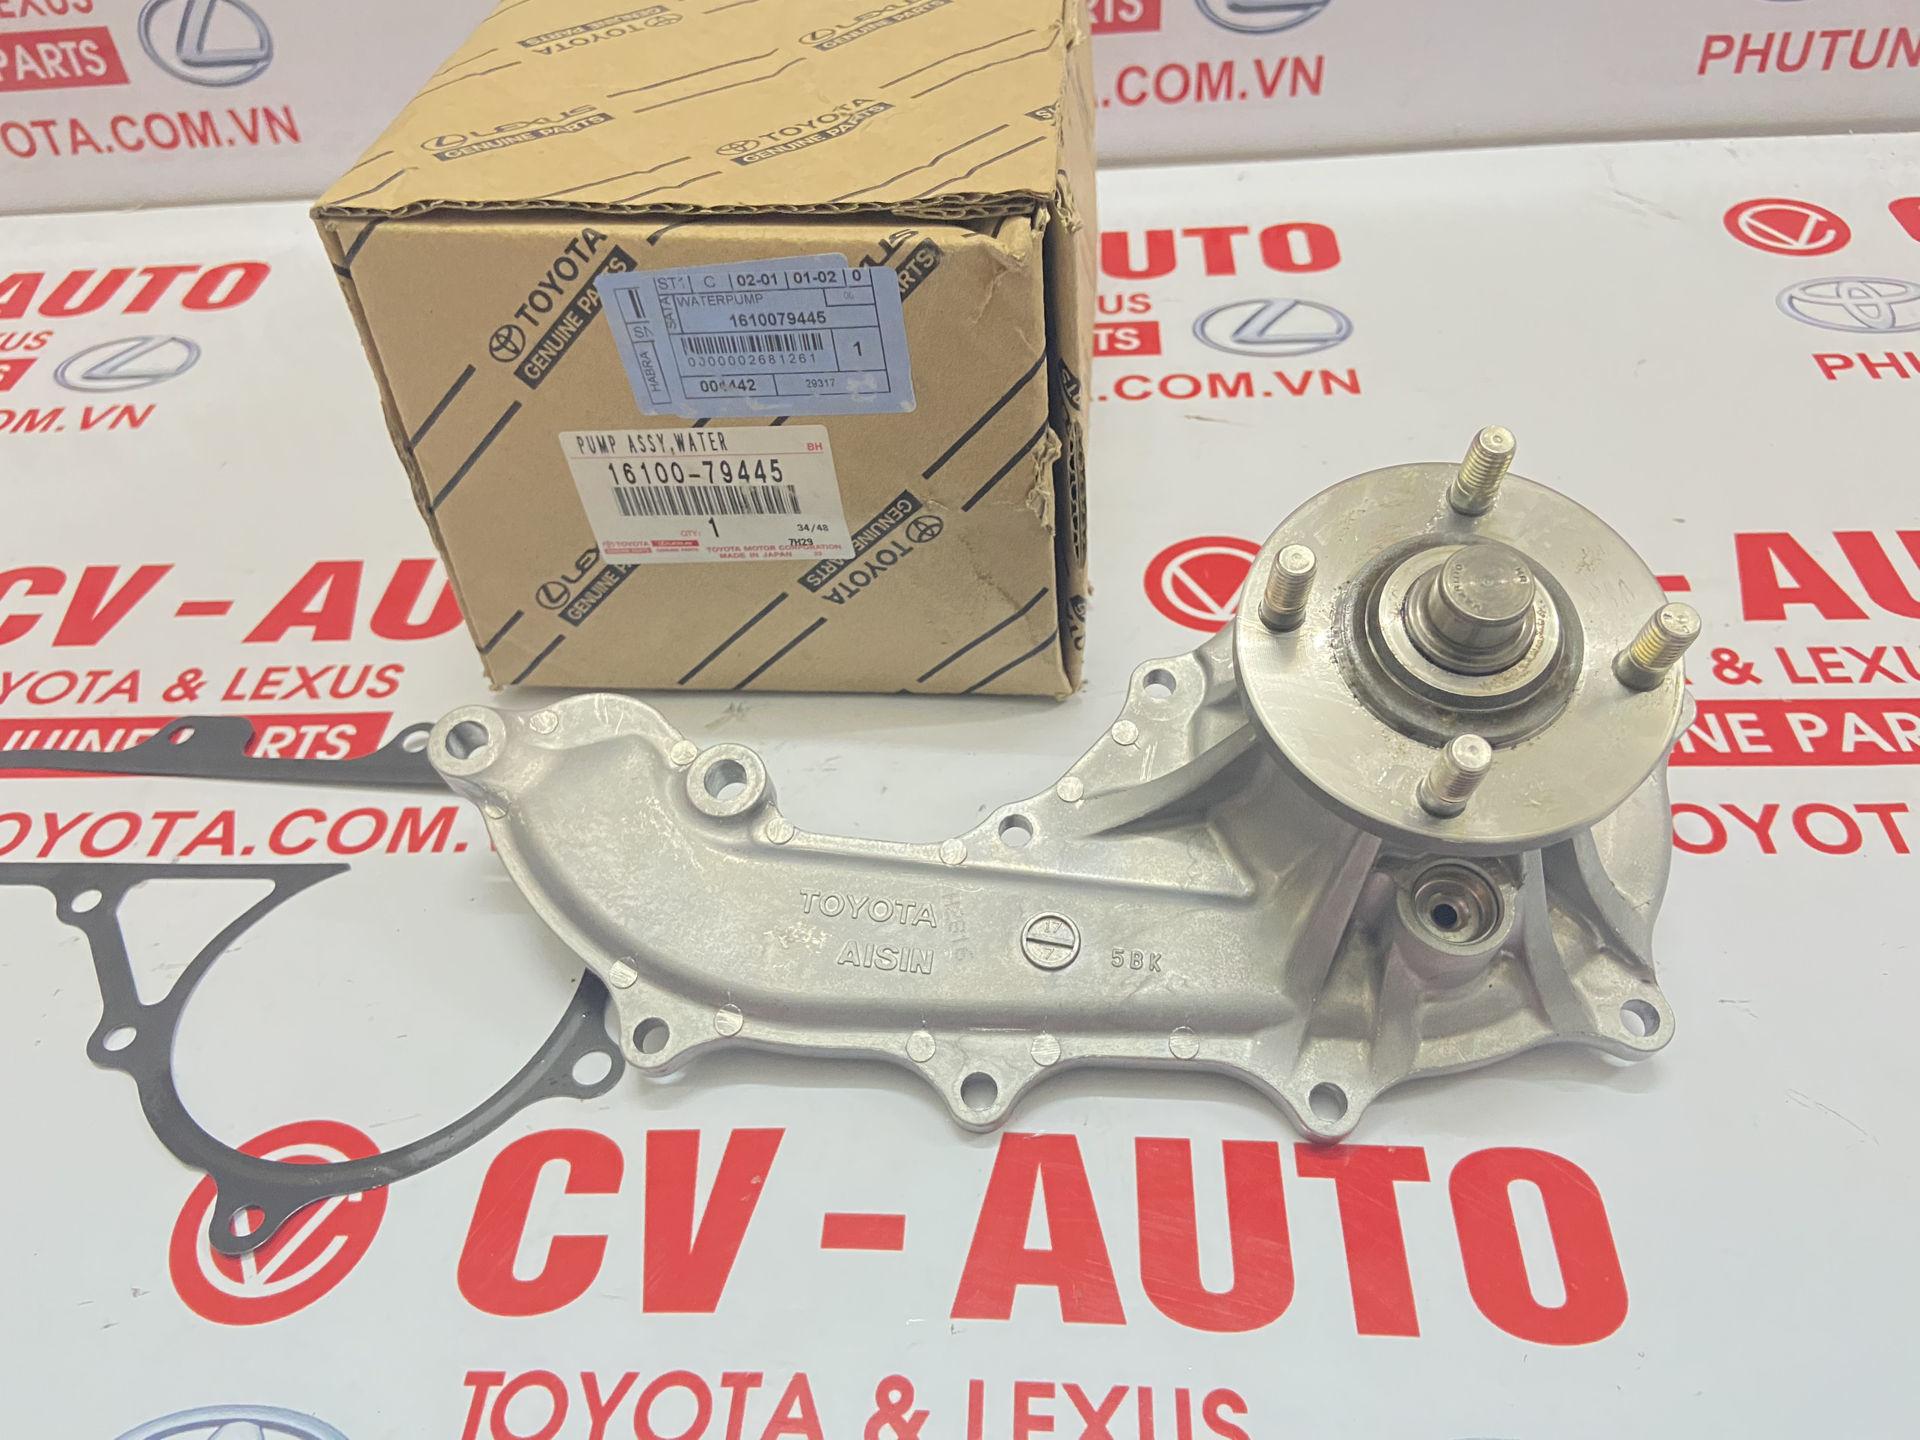 Picture of 16100-79445 Bơm nước Toyota Innova 1TR, Fortuner, Land Cruiser Prado, Hiace 2TR chính hãng